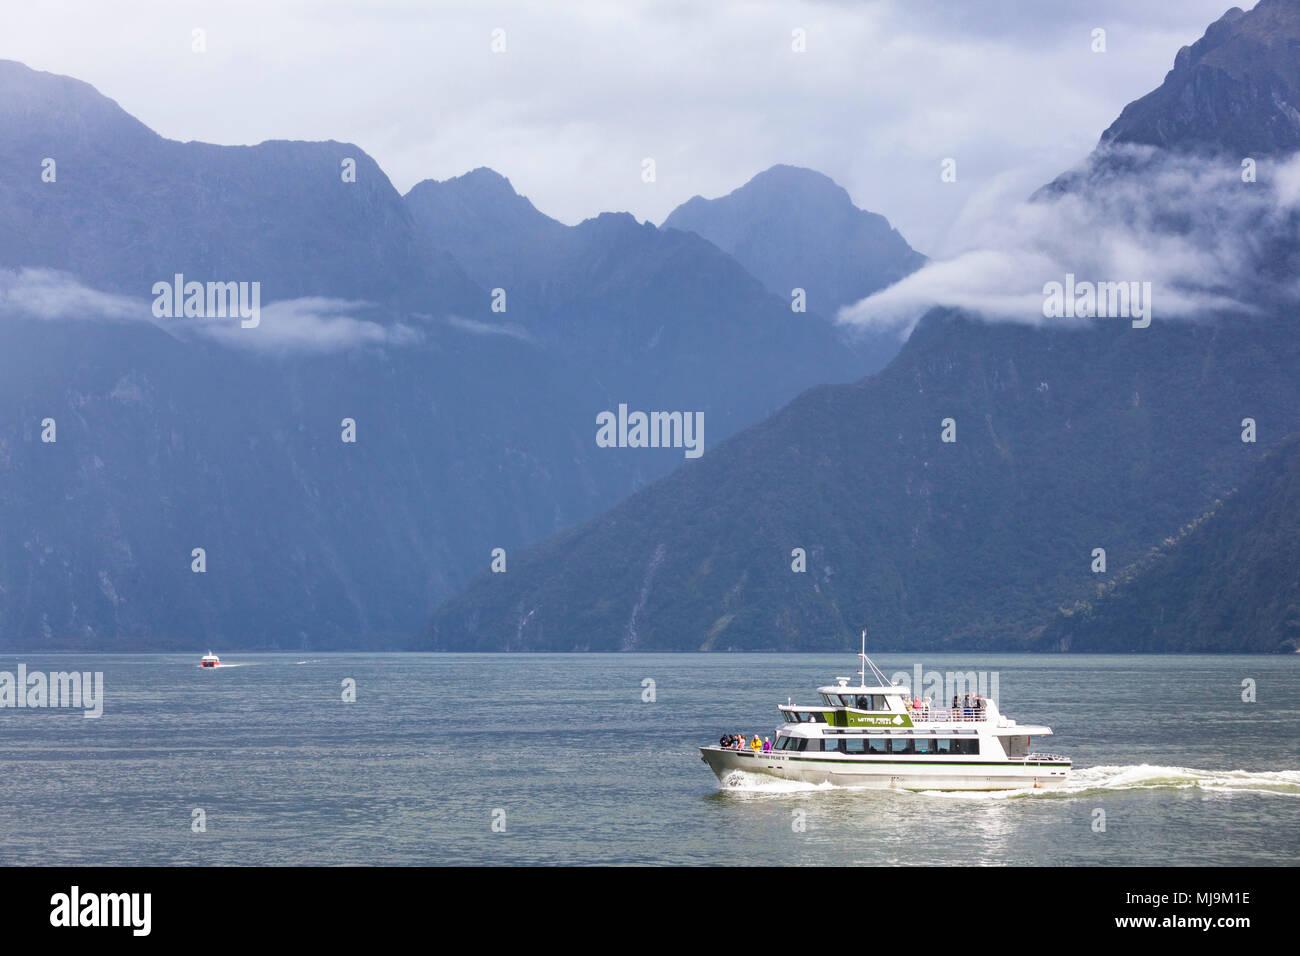 Milford Sound Milford Sound Nueva Zelanda viaje en barco por el fiordo Milford Sound turistas regresan a la terminal del Crucero Milford Sound nueva zelanda, Isla del Sur, Nueva Zelanda Imagen De Stock